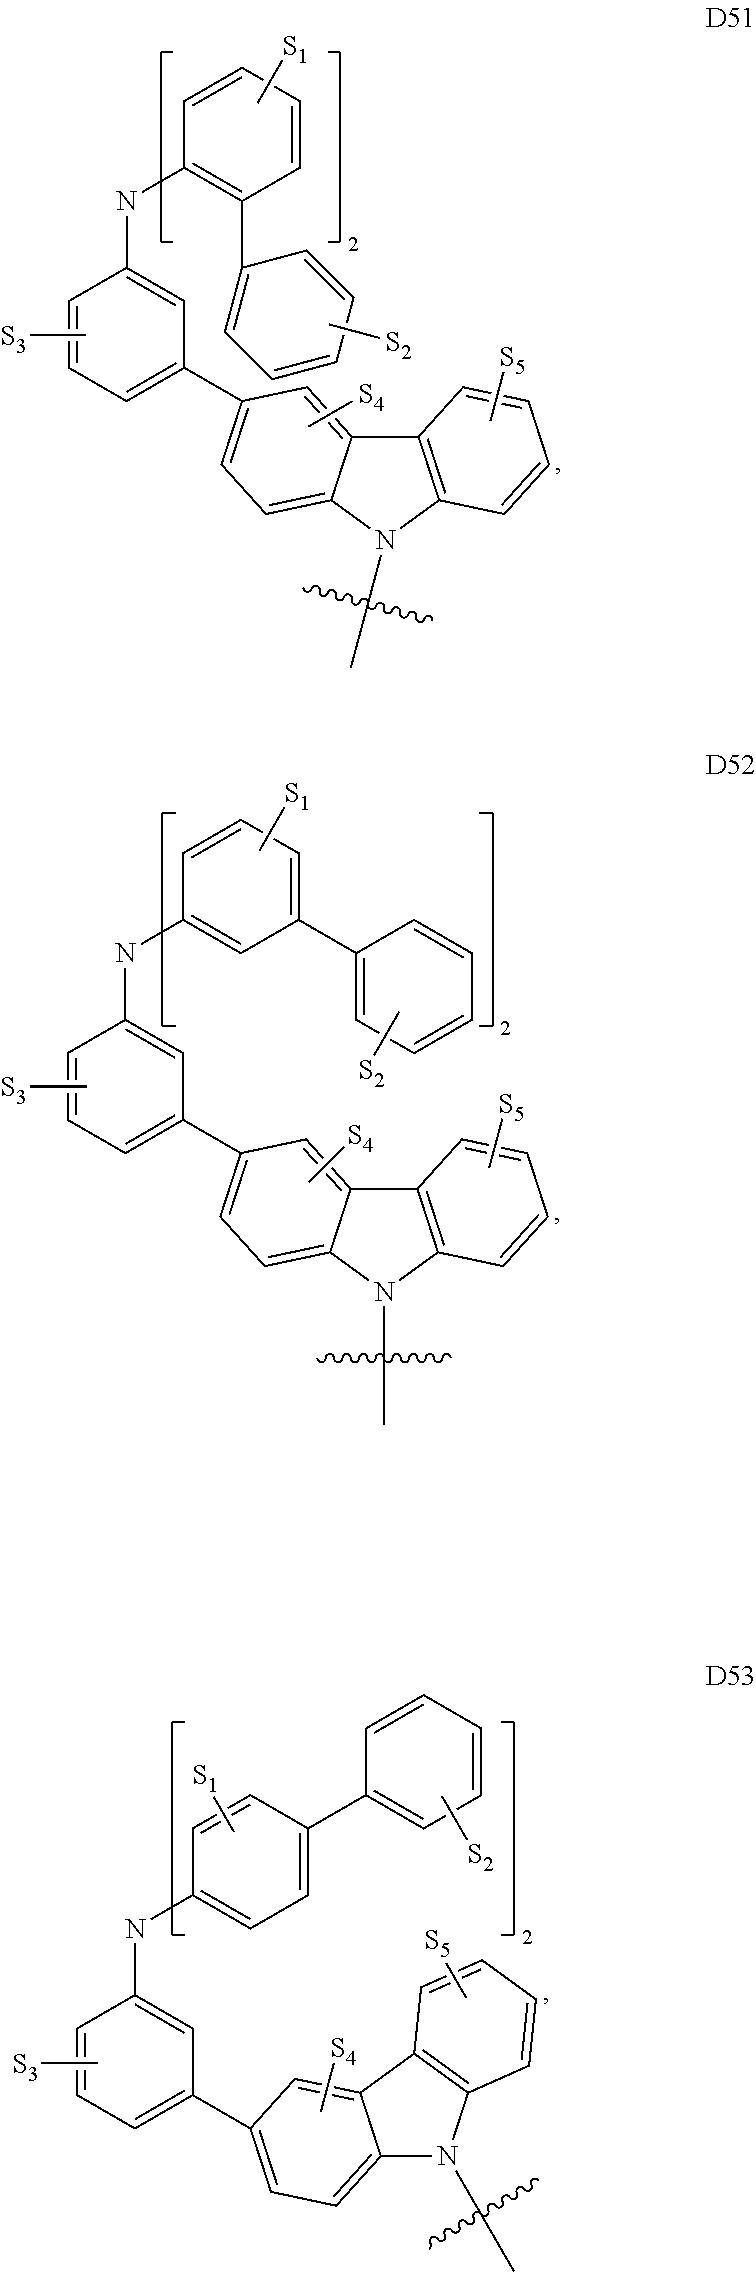 Figure US09324949-20160426-C00062